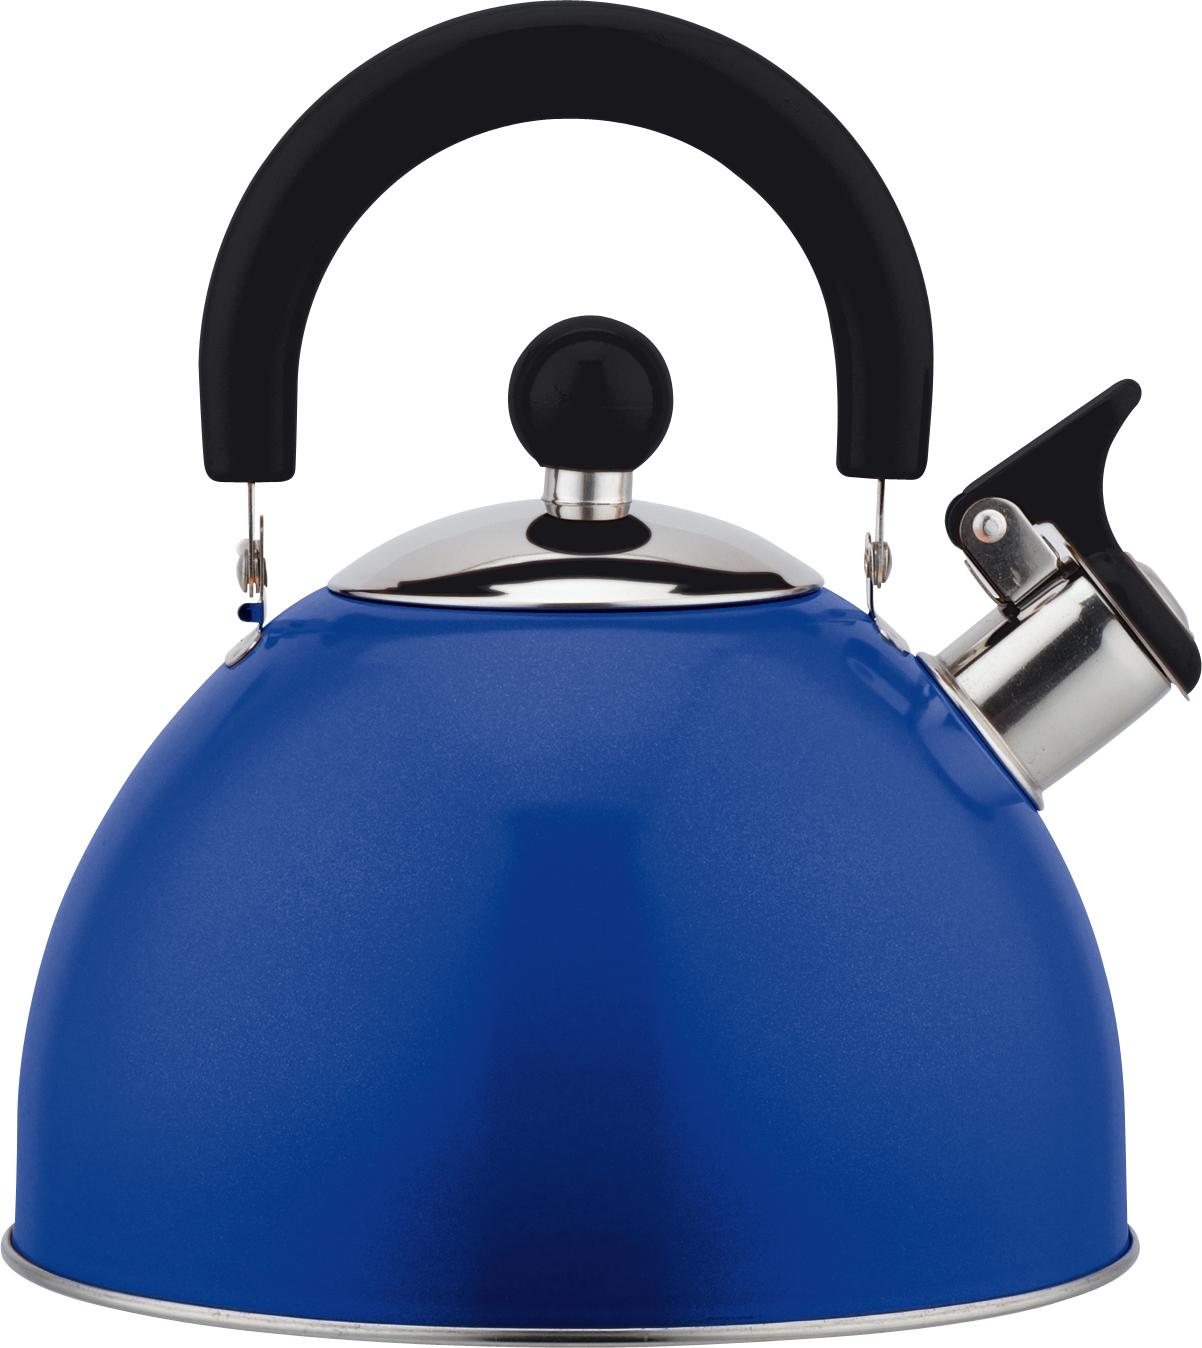 Чайник Bekker, со свистком, цвет: синий, 2 л. BK-S579BK-S579Чайник Bekker выполнен из высококачественной нержавеющей стали, что обеспечивает долговечность использования. Внешнее цветное глянцевое покрытие придает изделию изысканный вид. Подвижная нейлоновая ручка делает использование чайника очень удобным и безопасным. Чайник снабжен откидным свистком, который подскажет, когда закипела вода. Изделие имеет капсулированное дно для лучшего распределения тепла.Не рекомендуется мыть в посудомоечной машине. Пригоден для всех видов плит, включая индукционные.Высота чайника (без учета крышки и ручки): 11 см.Диаметр отверстия: 9 см.